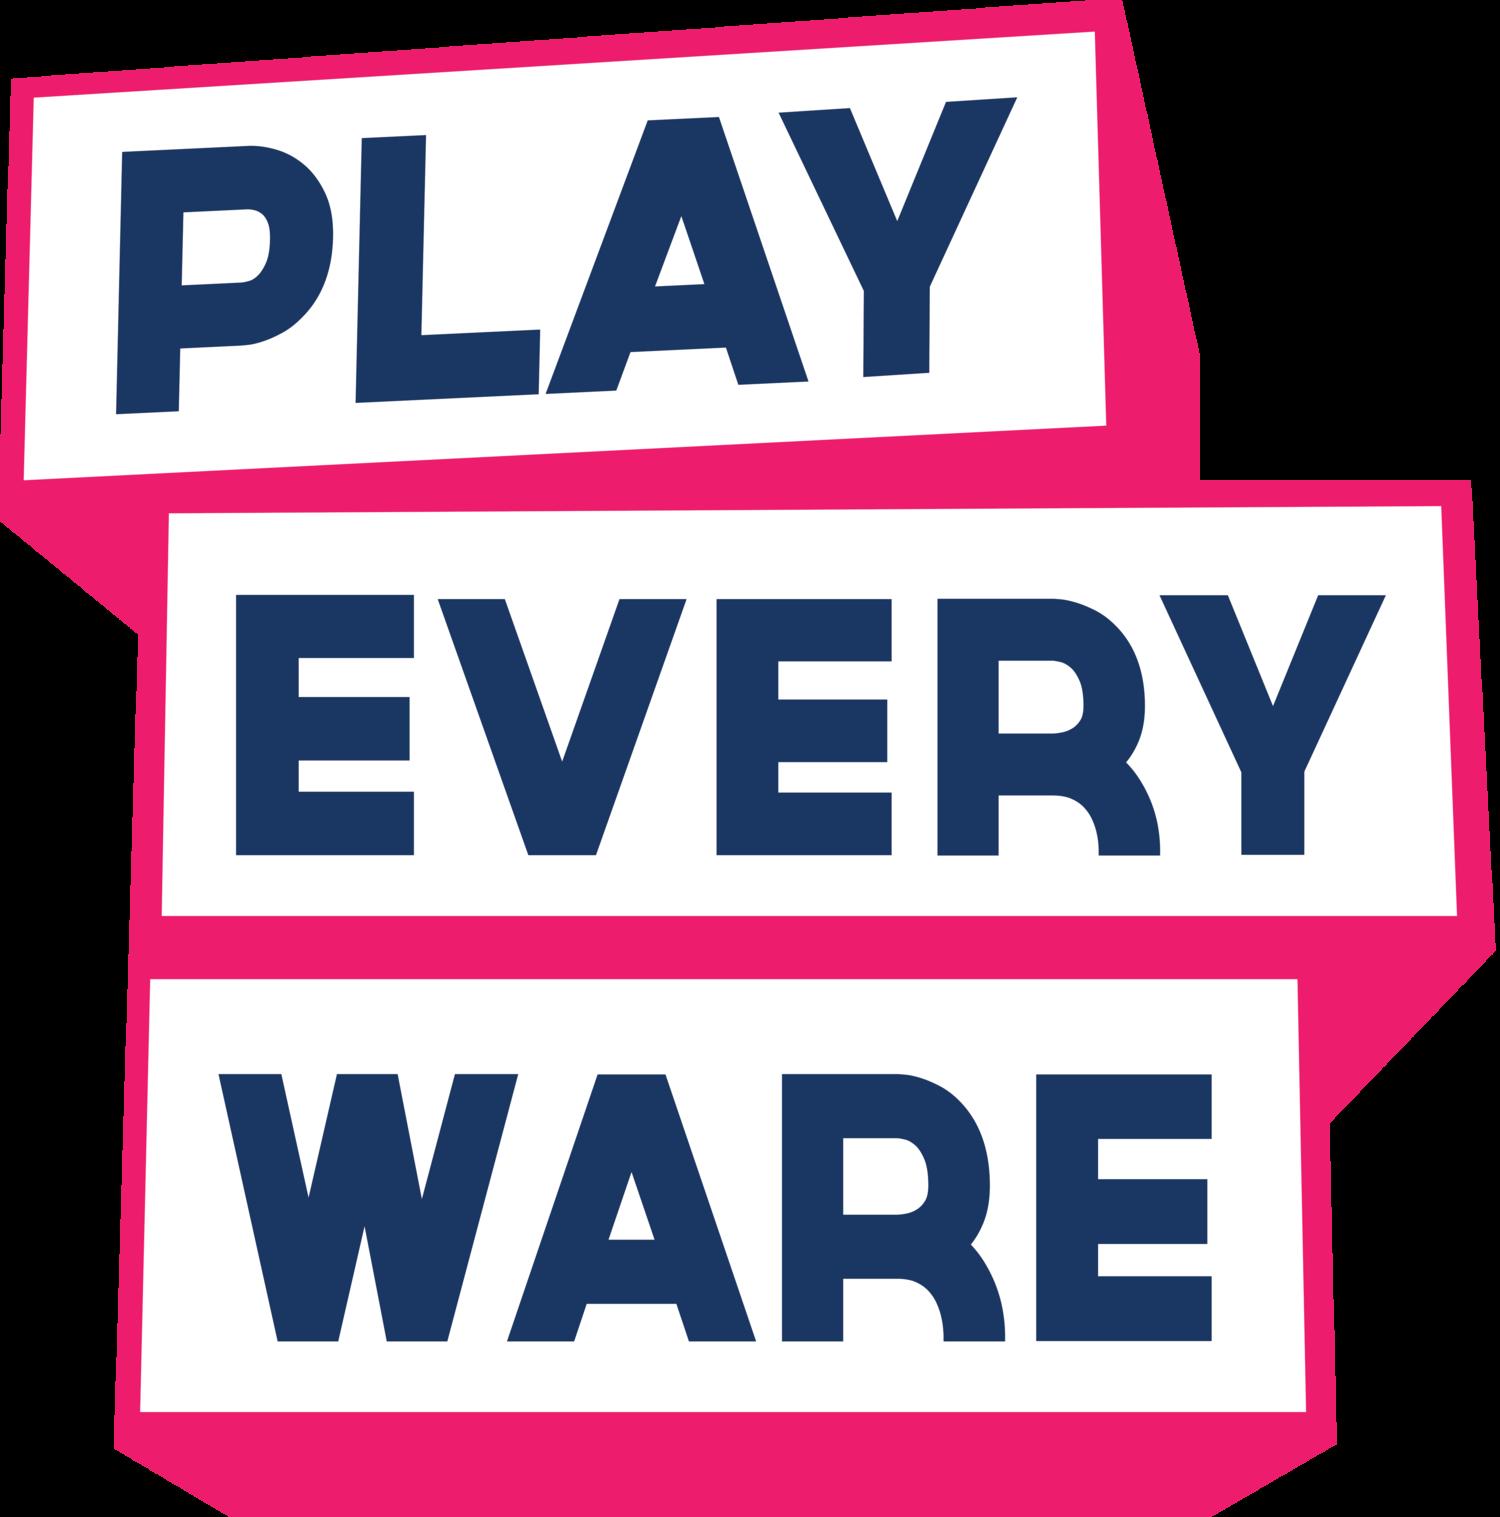 PlayEverWare